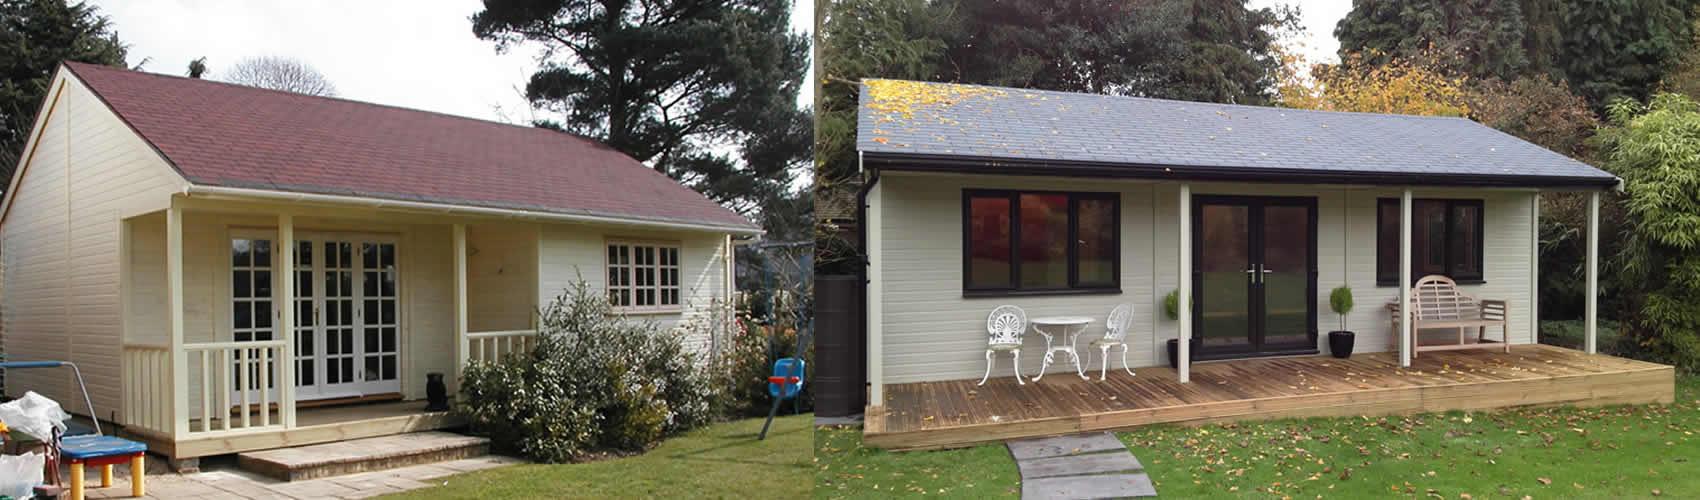 Garden Room feature